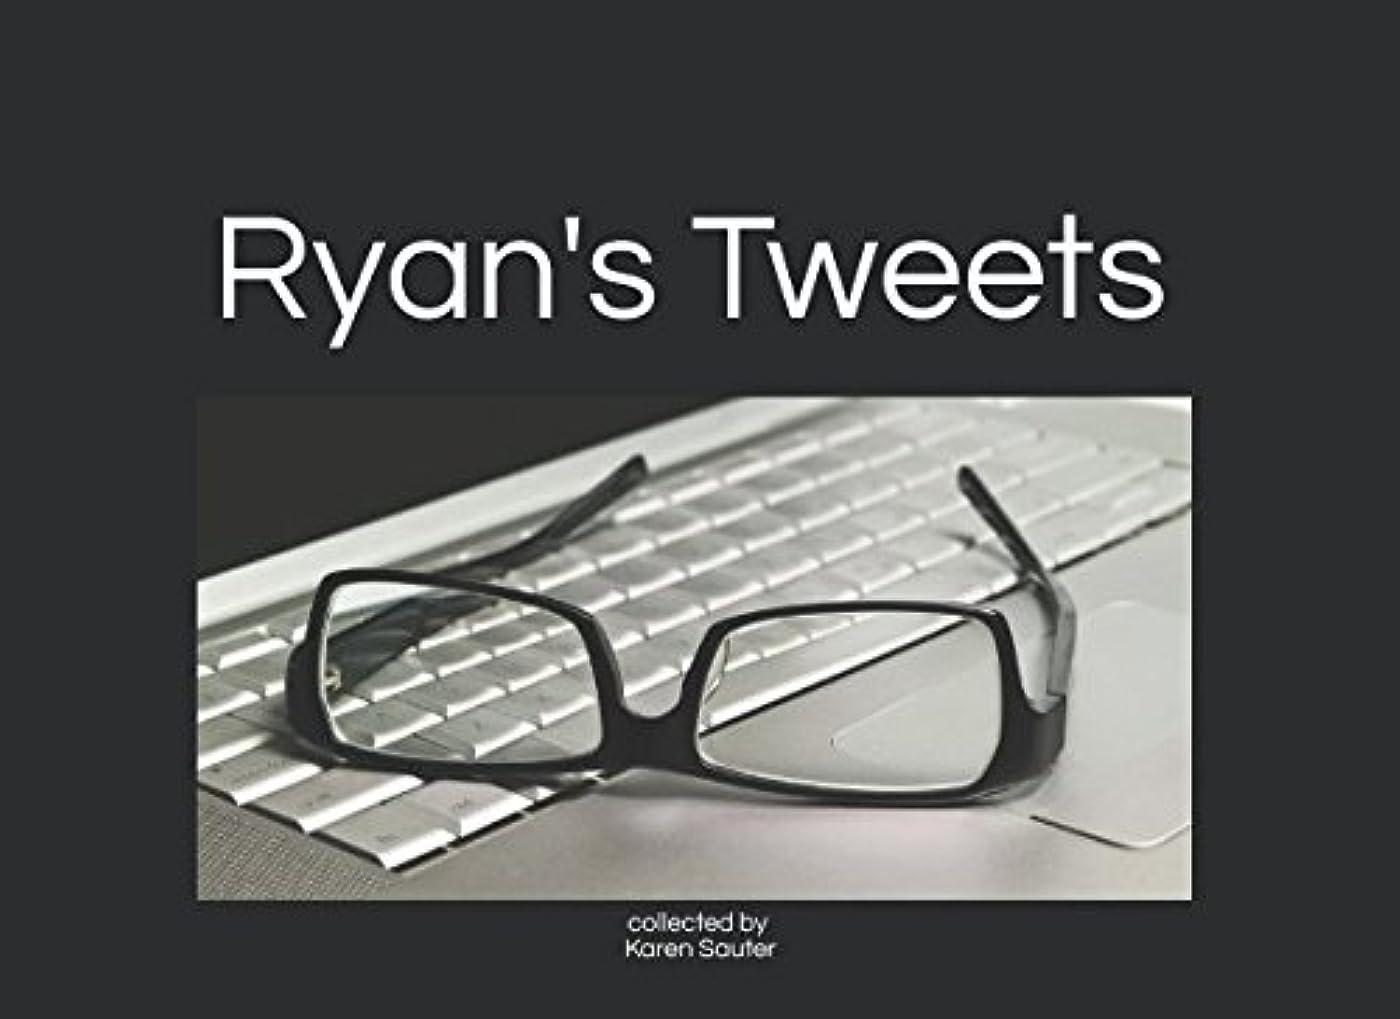 アレルギー性繰り返しライオネルグリーンストリートRyan's Tweets